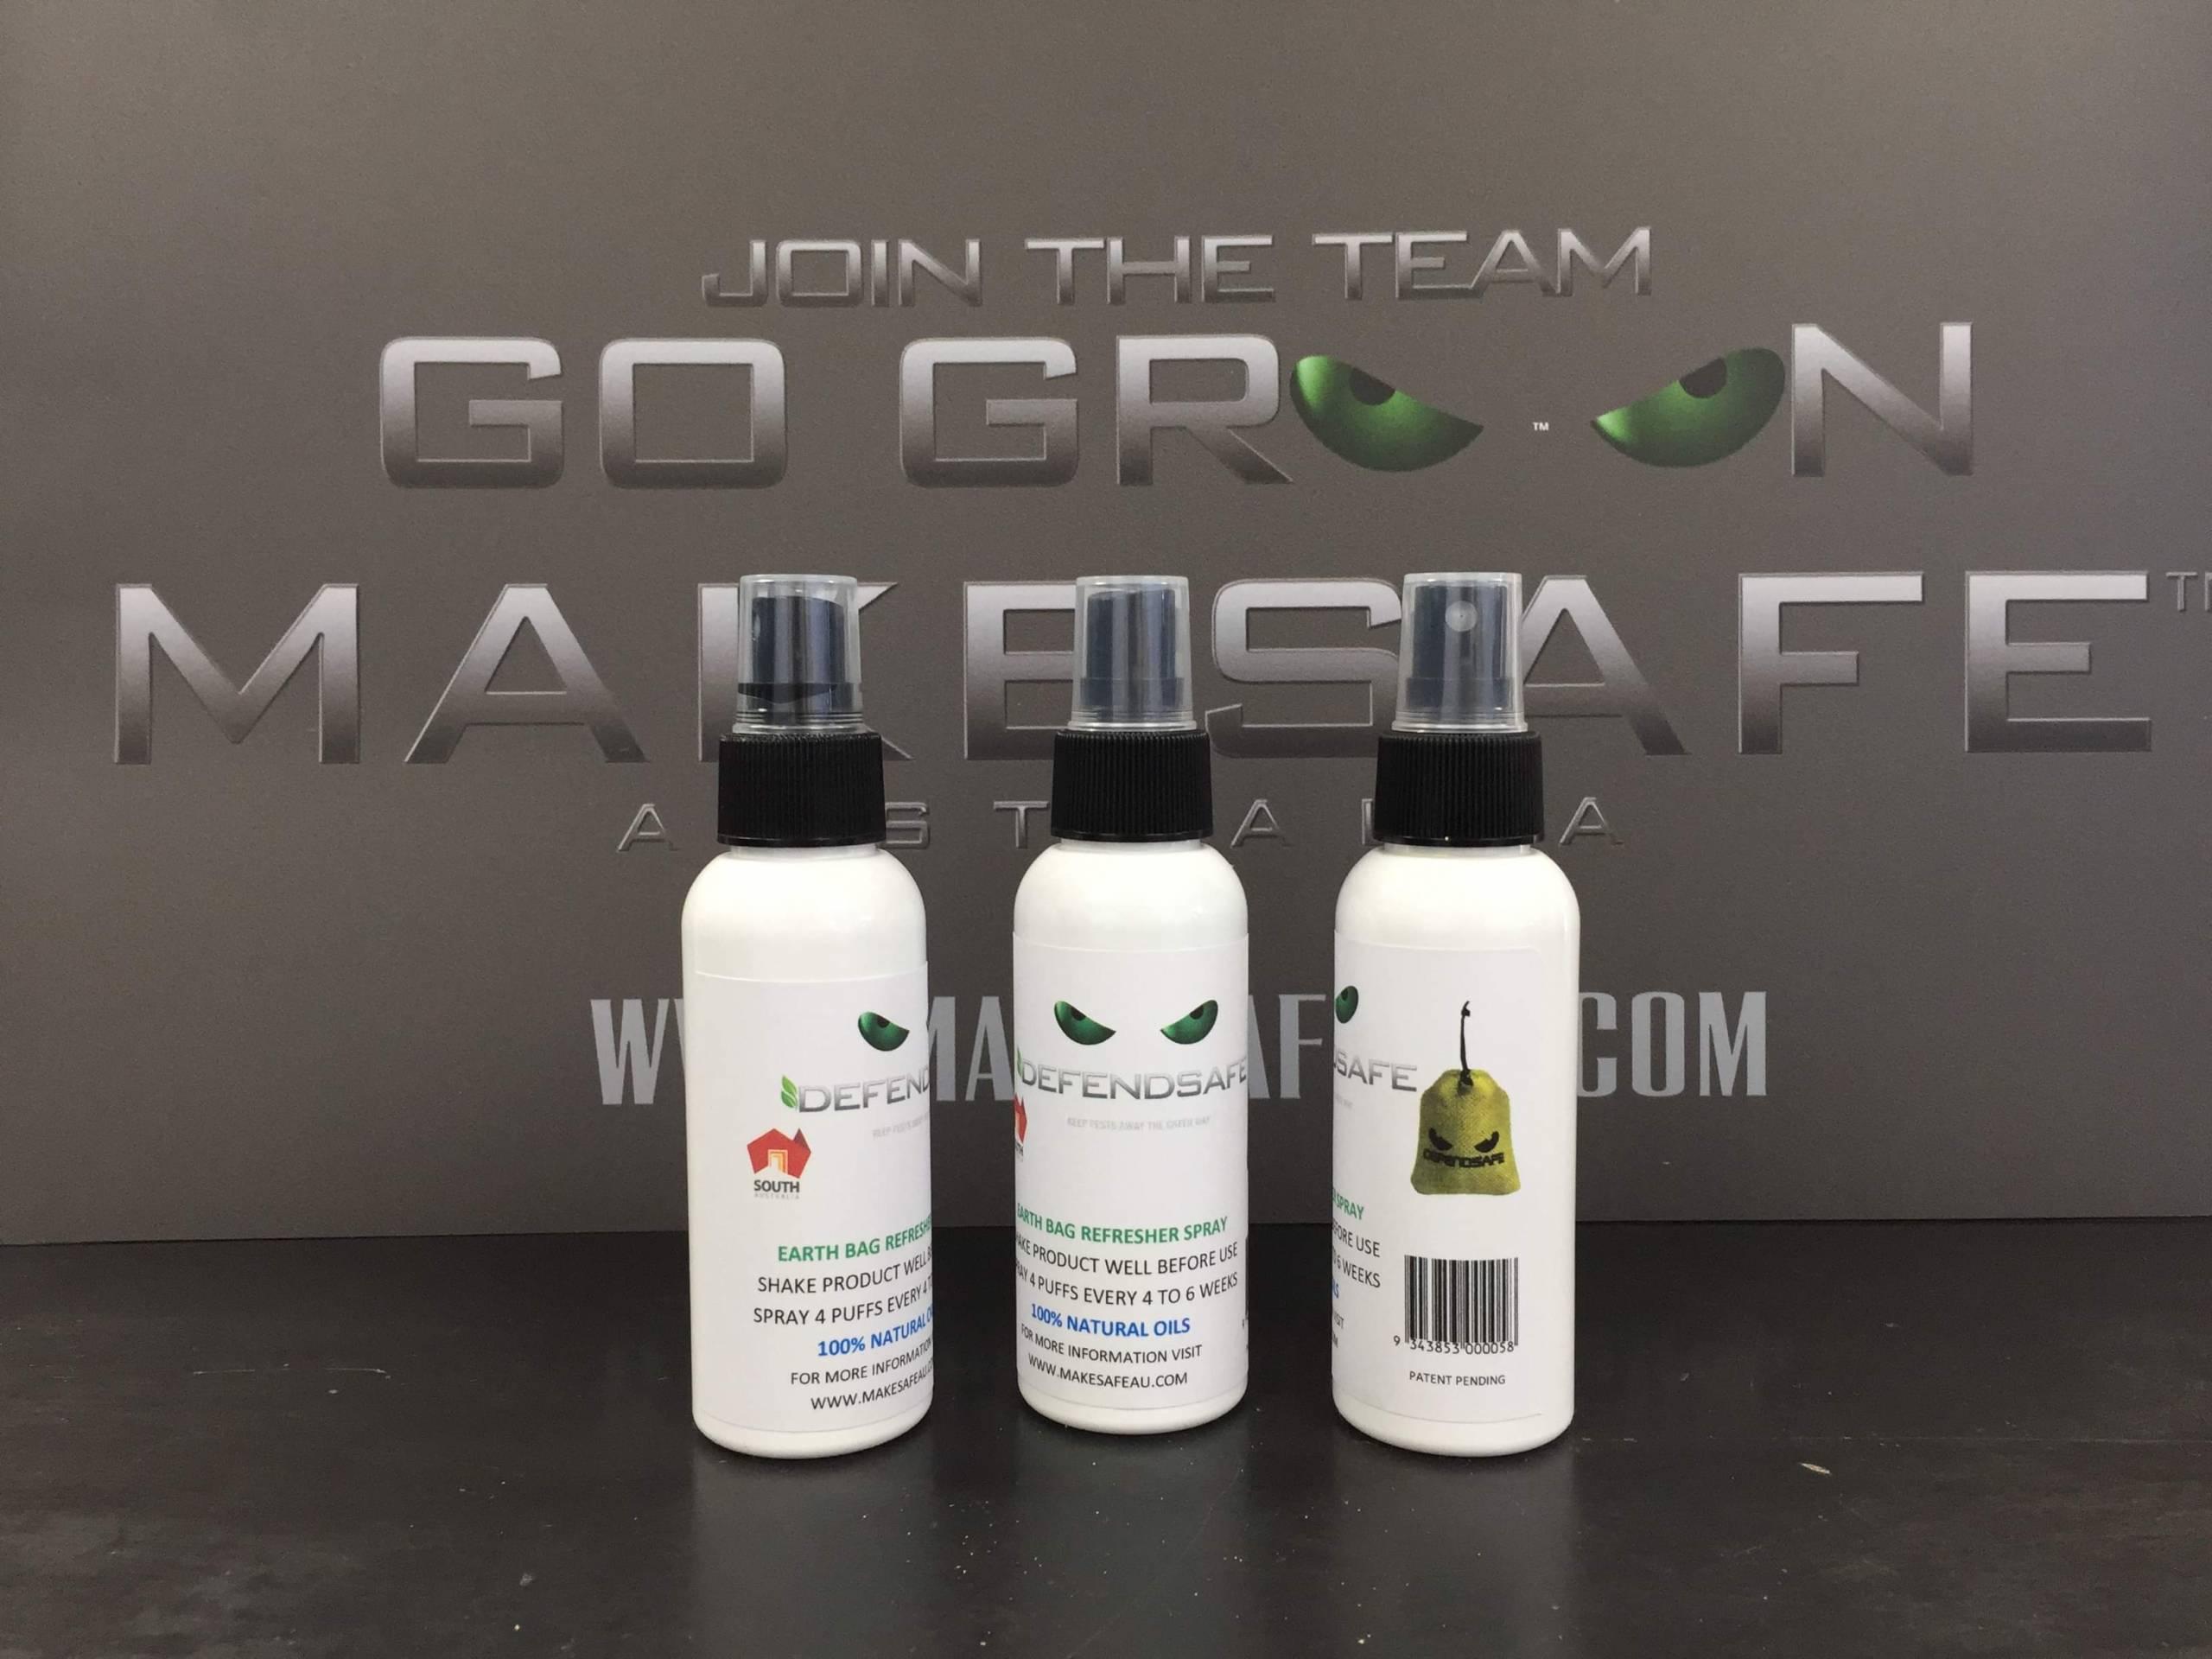 Earth Bag Refresher Spray Bottle 100 ML